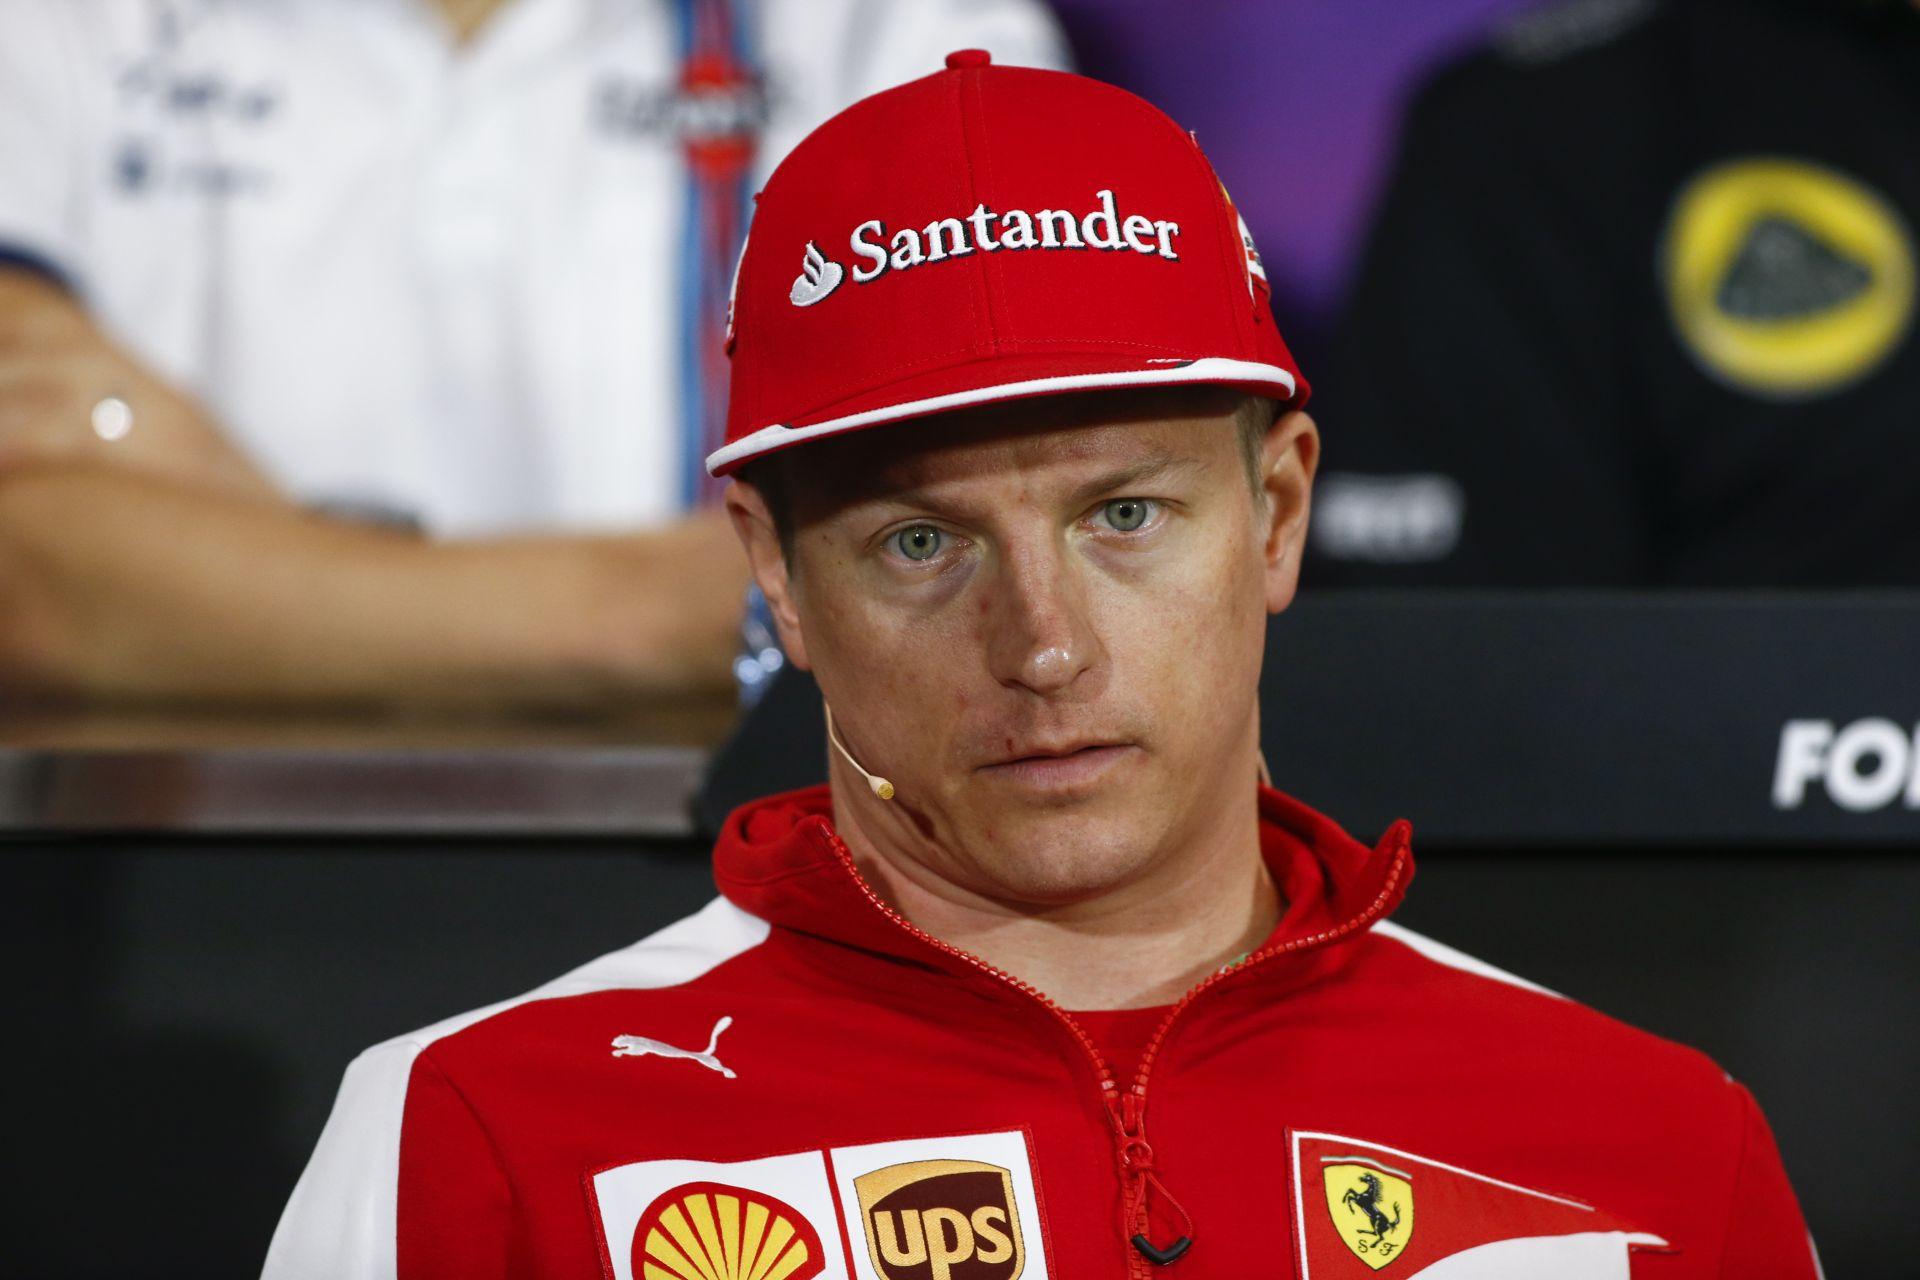 ÉLŐ F1-es műsor: Raikkönen akarja ezt még? Alonso már csak a pénzért van az F1-ben? Tényleg unalmas az F1?